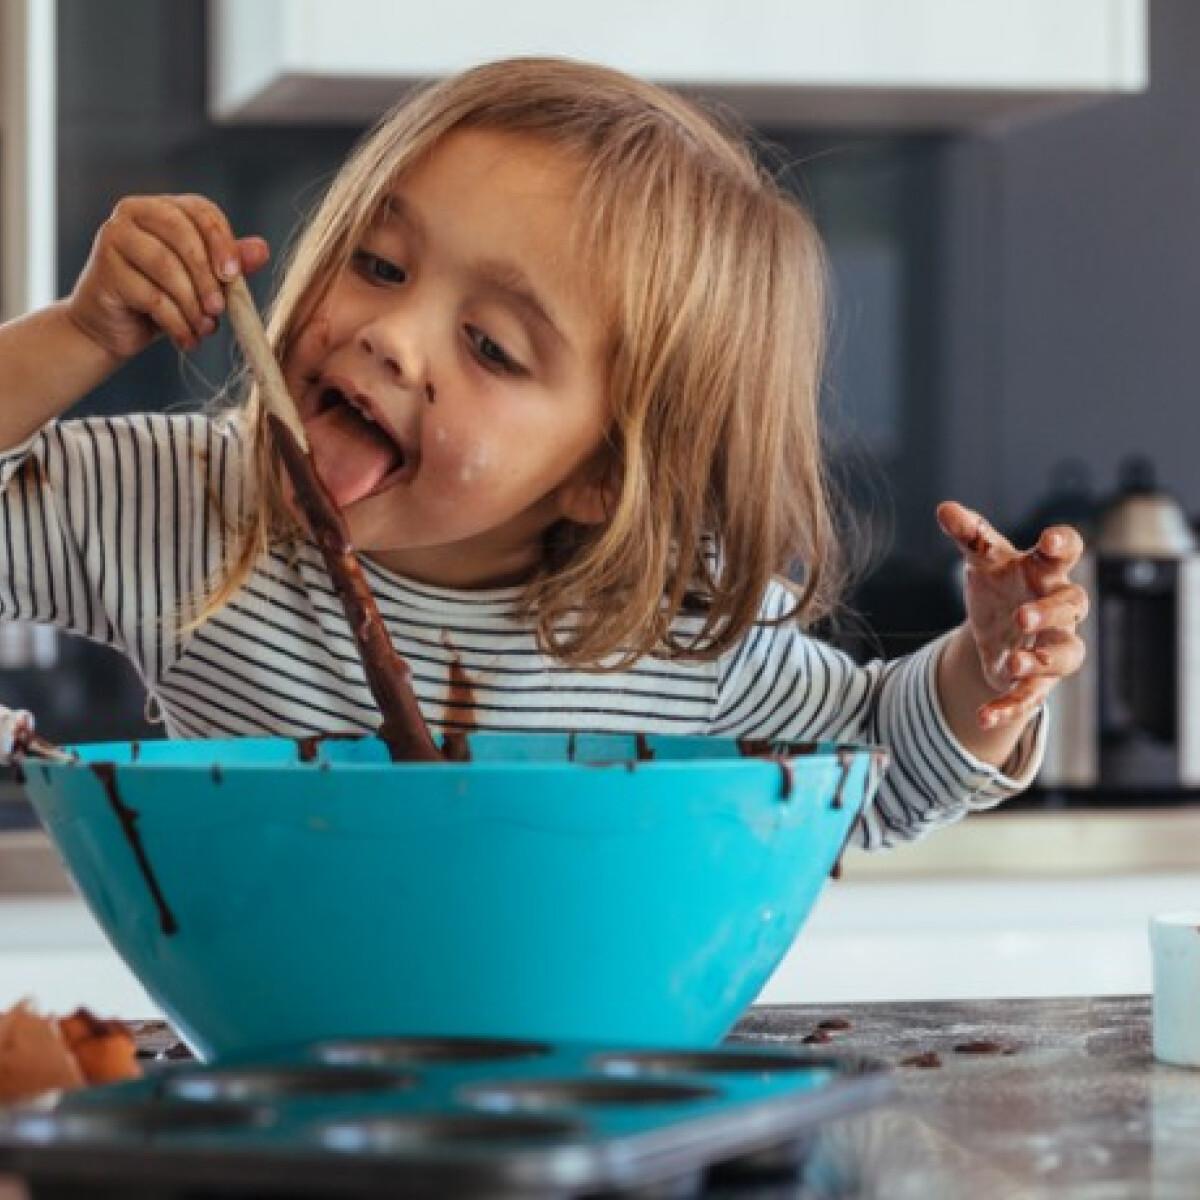 Ezért szeretünk meg hirtelen olyan ételeket, amiket korábban nem bírtunk megenni